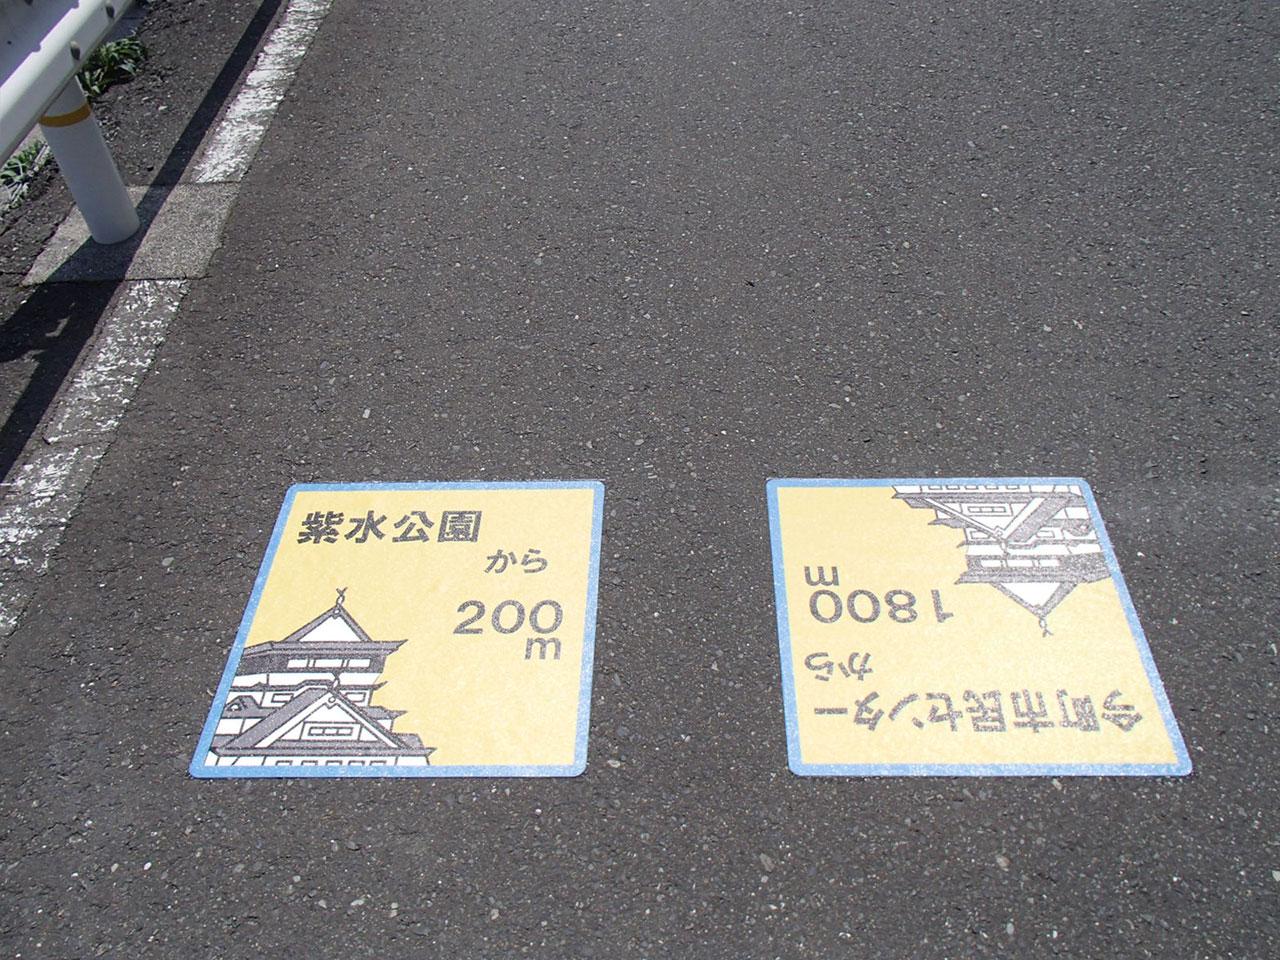 誘導サイン【ウォーキングコース 今町・寿山】